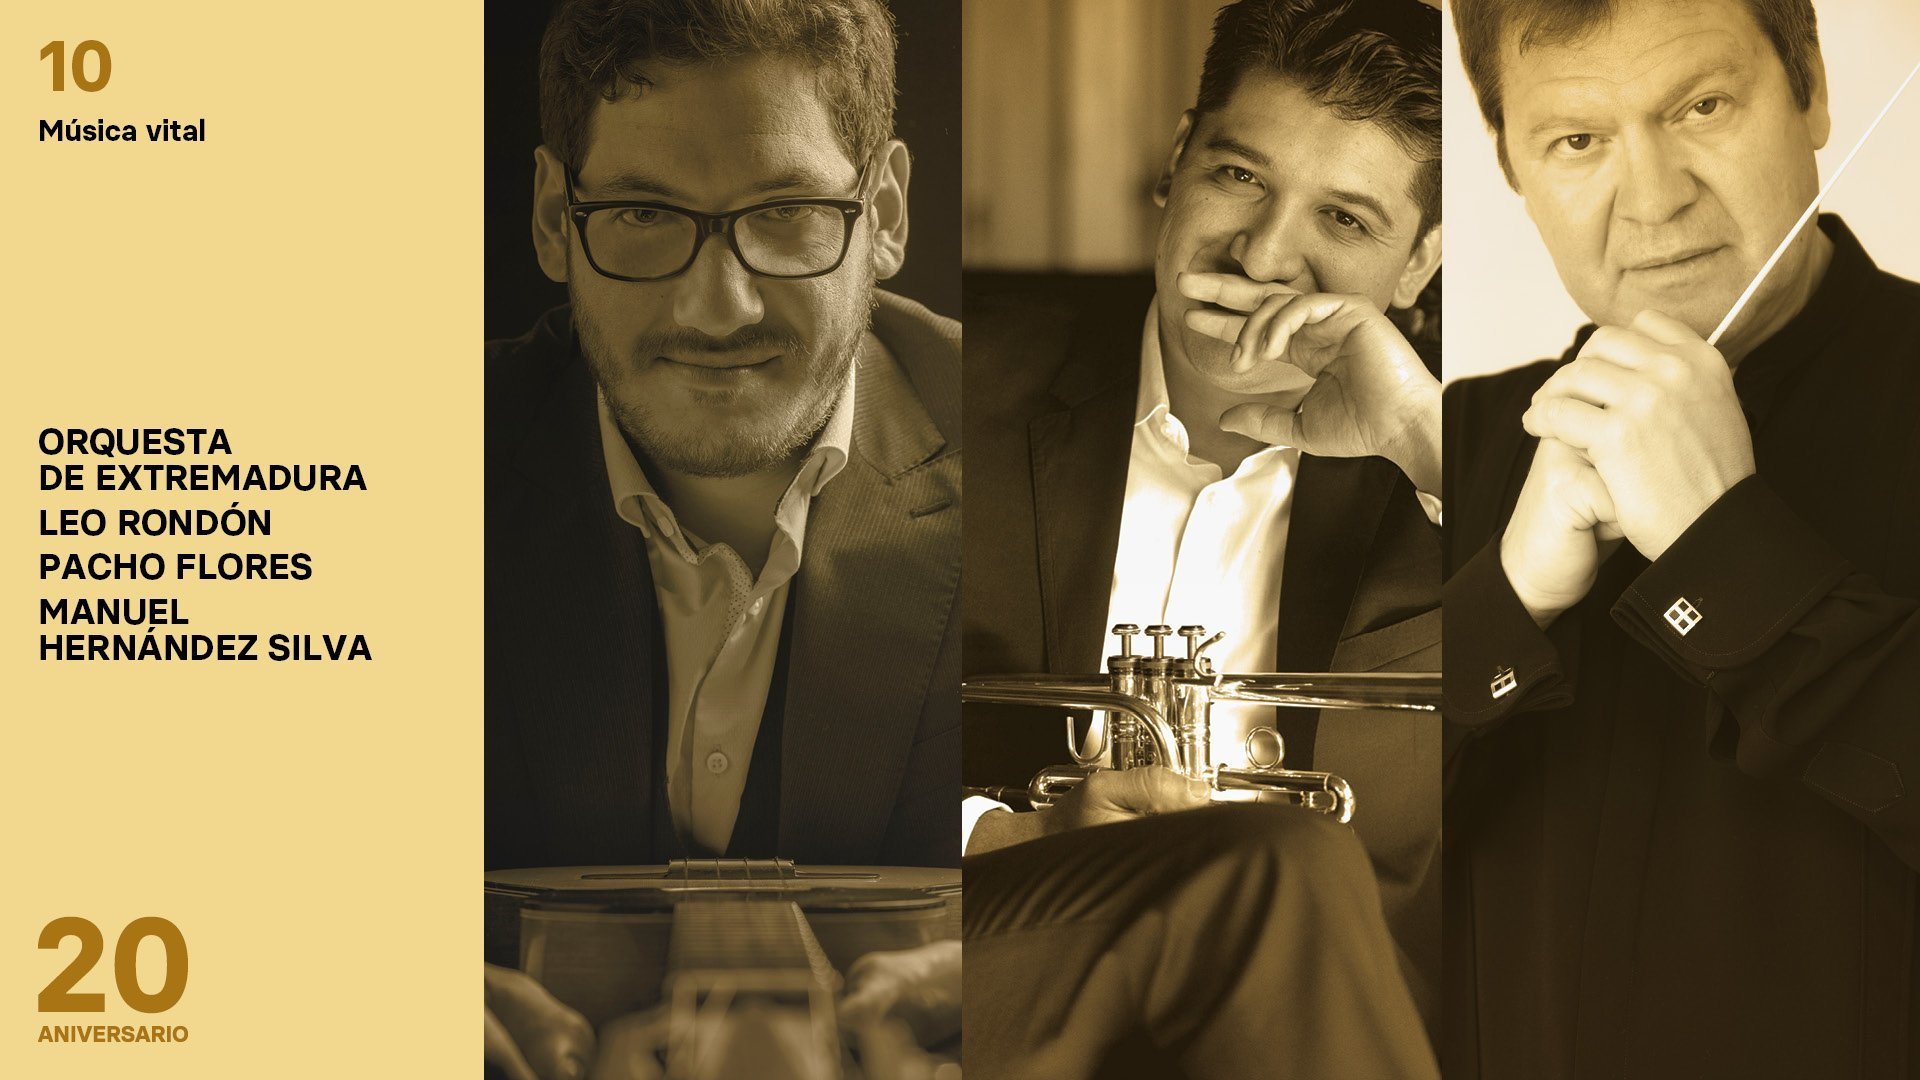 Pacho Flores, uno de los mejores trompetistas del mundo, debuta con la OEX